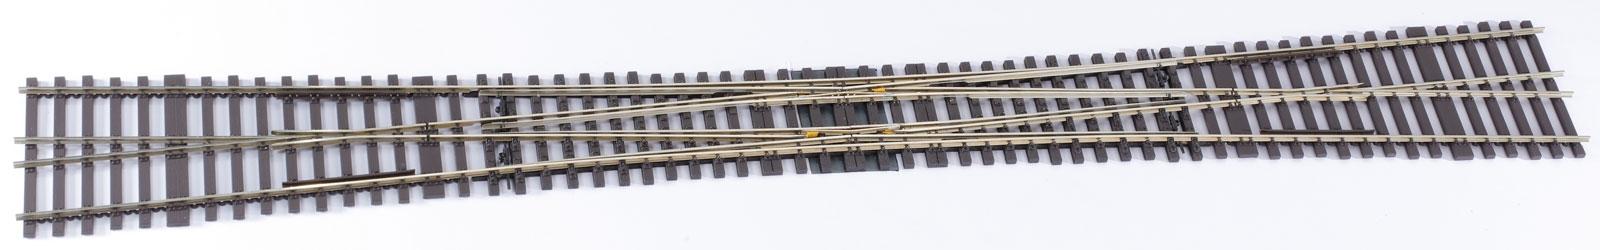 DKW 49-190 - 1:9 - Weinert Mein Gleis 74942  - Radius 2180mm, 470mm Länge | günstig bestellen bei Weinert-Bauteile